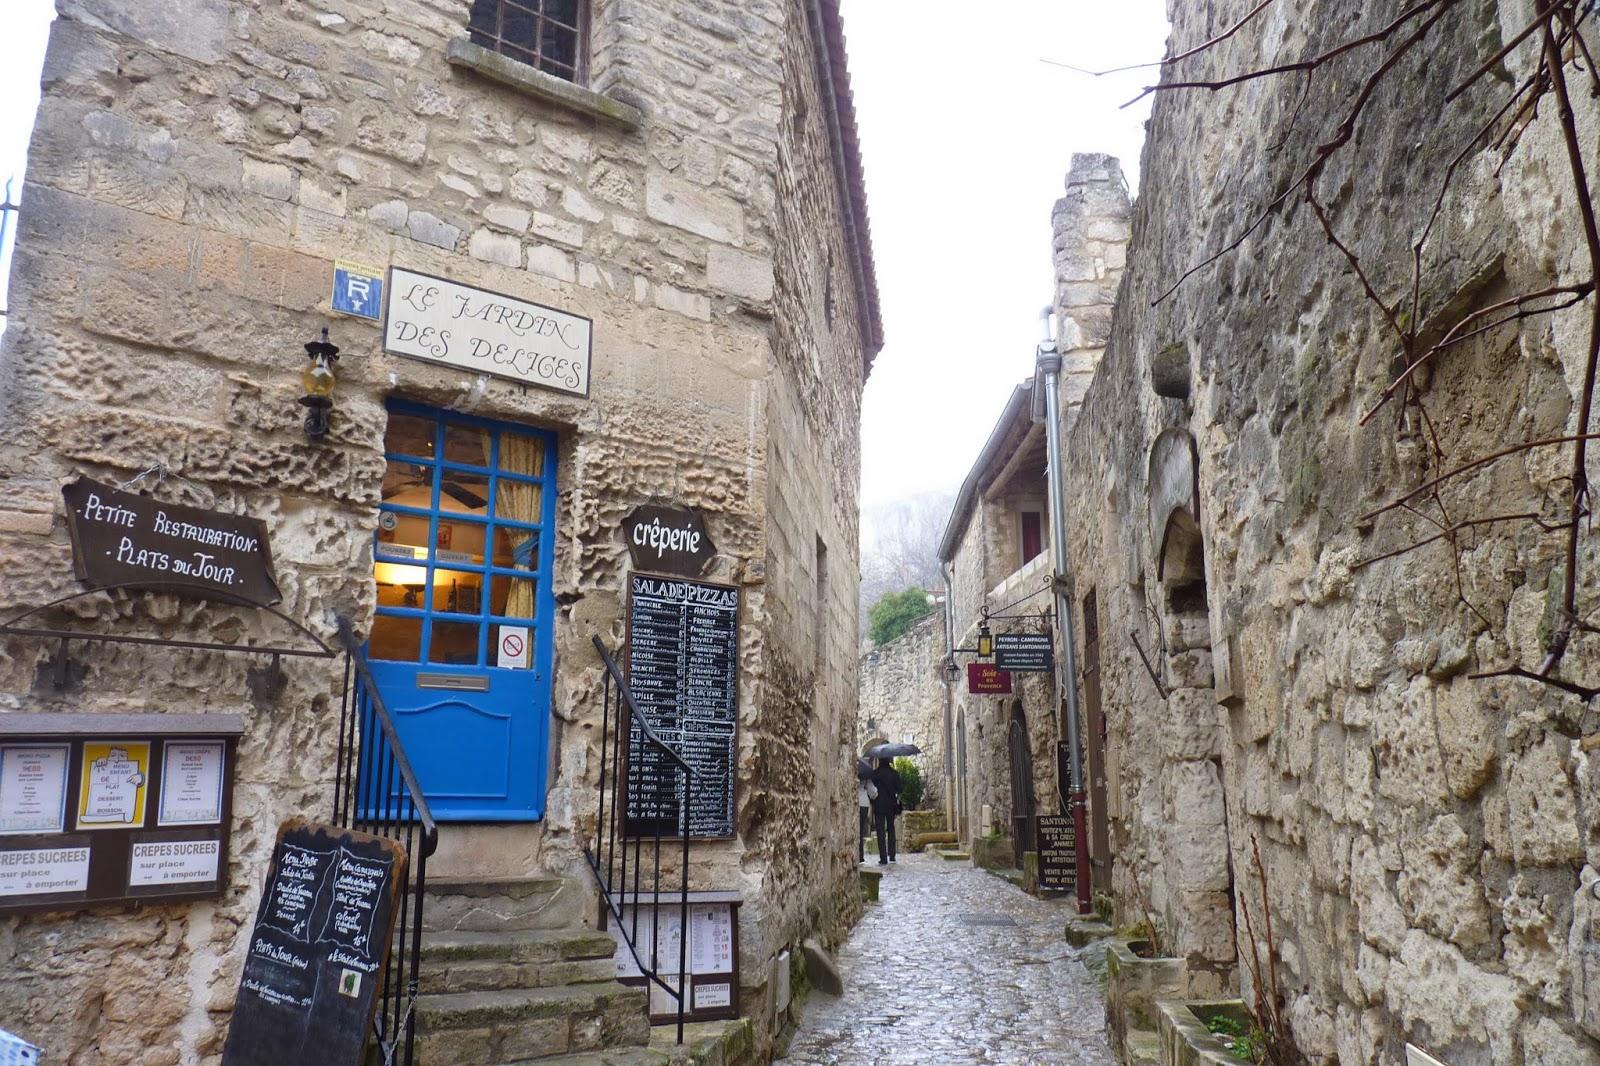 Callejeando por Les Baux-de-Provence.